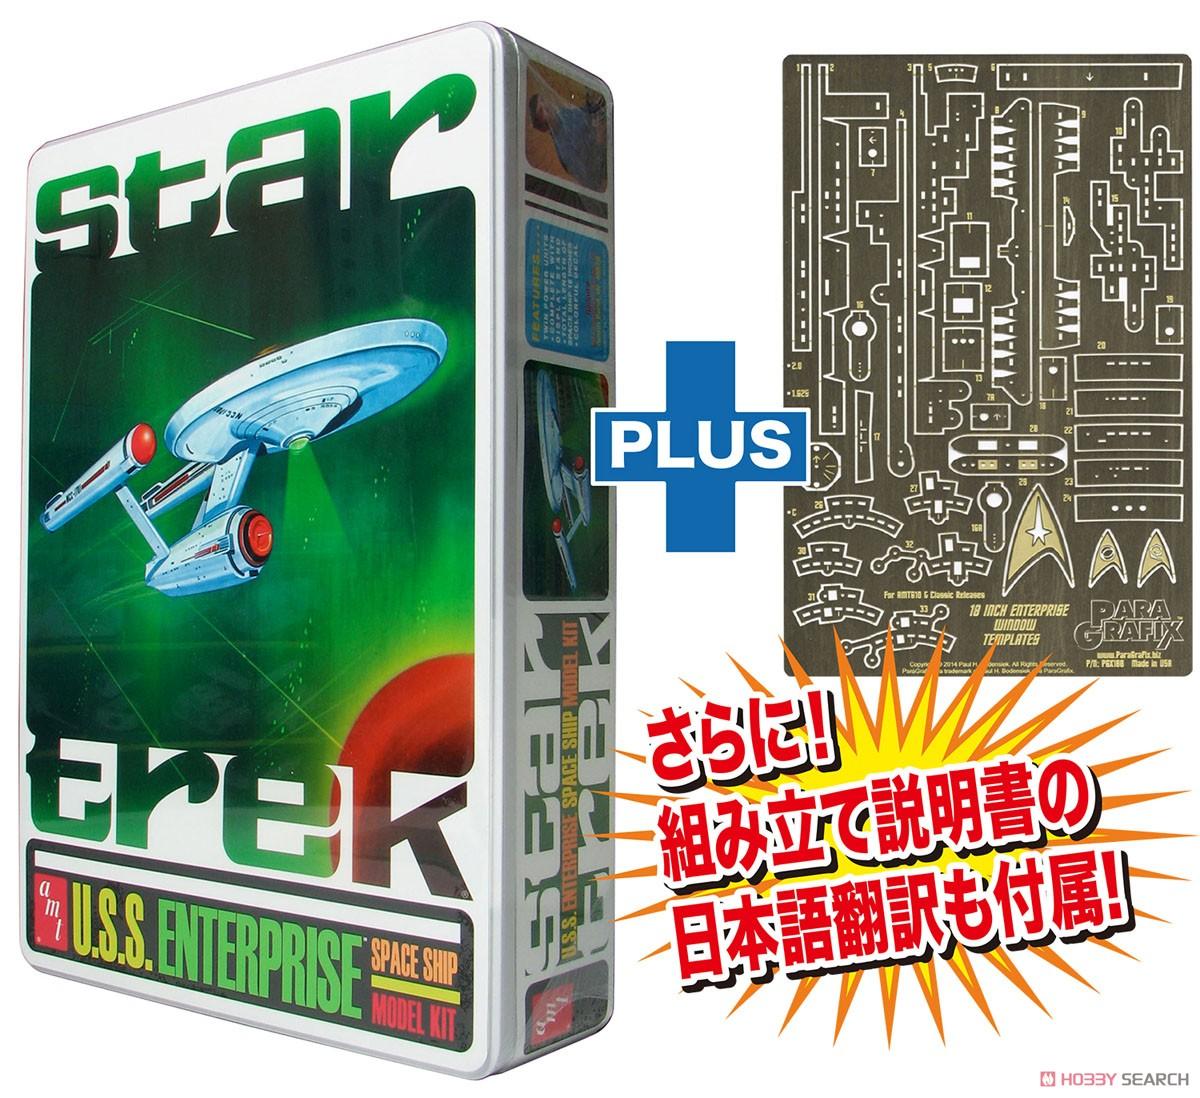 宇宙大作戦『U.S.S. エンタープライズ  限定パッケージ NCC-1701 ウインドウディテールアップテンプレート付属ver.』1/650 プラモデル-003